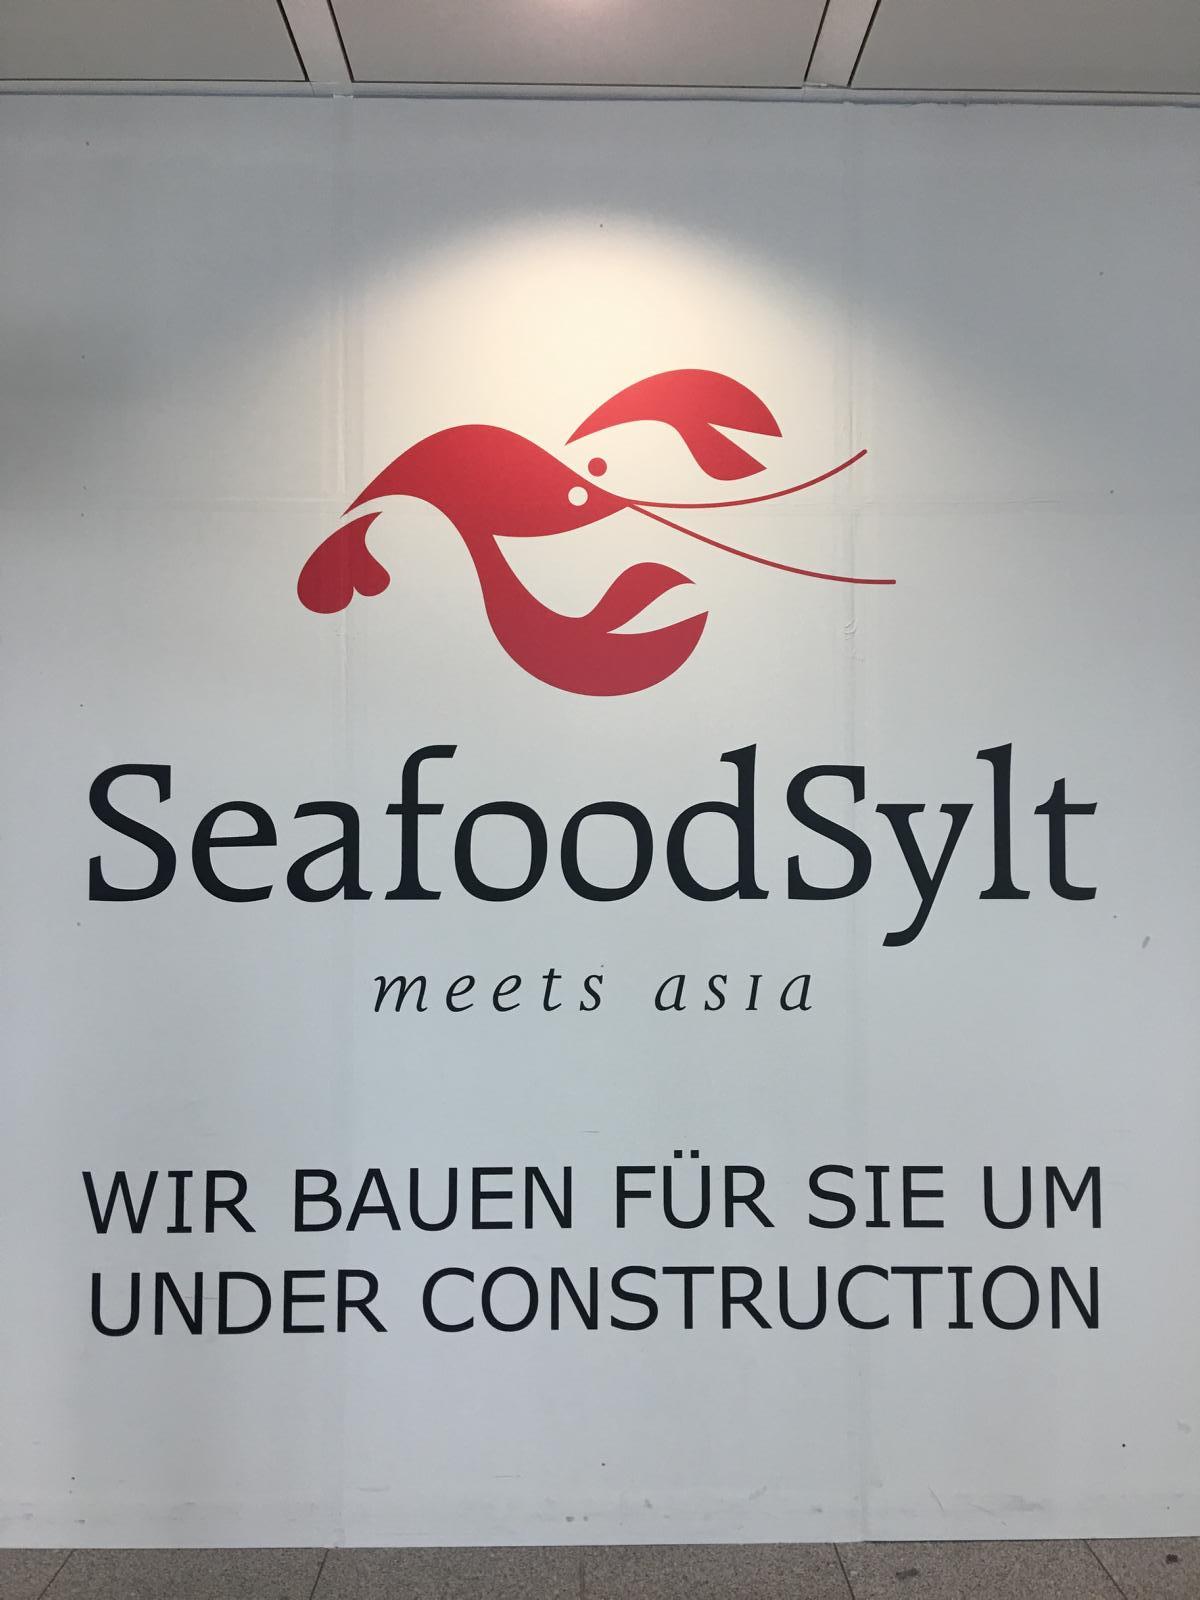 Überprüfung der Estrichfestigkeit und der Oberflächenzugfestigkeit bei Seafood Sylt